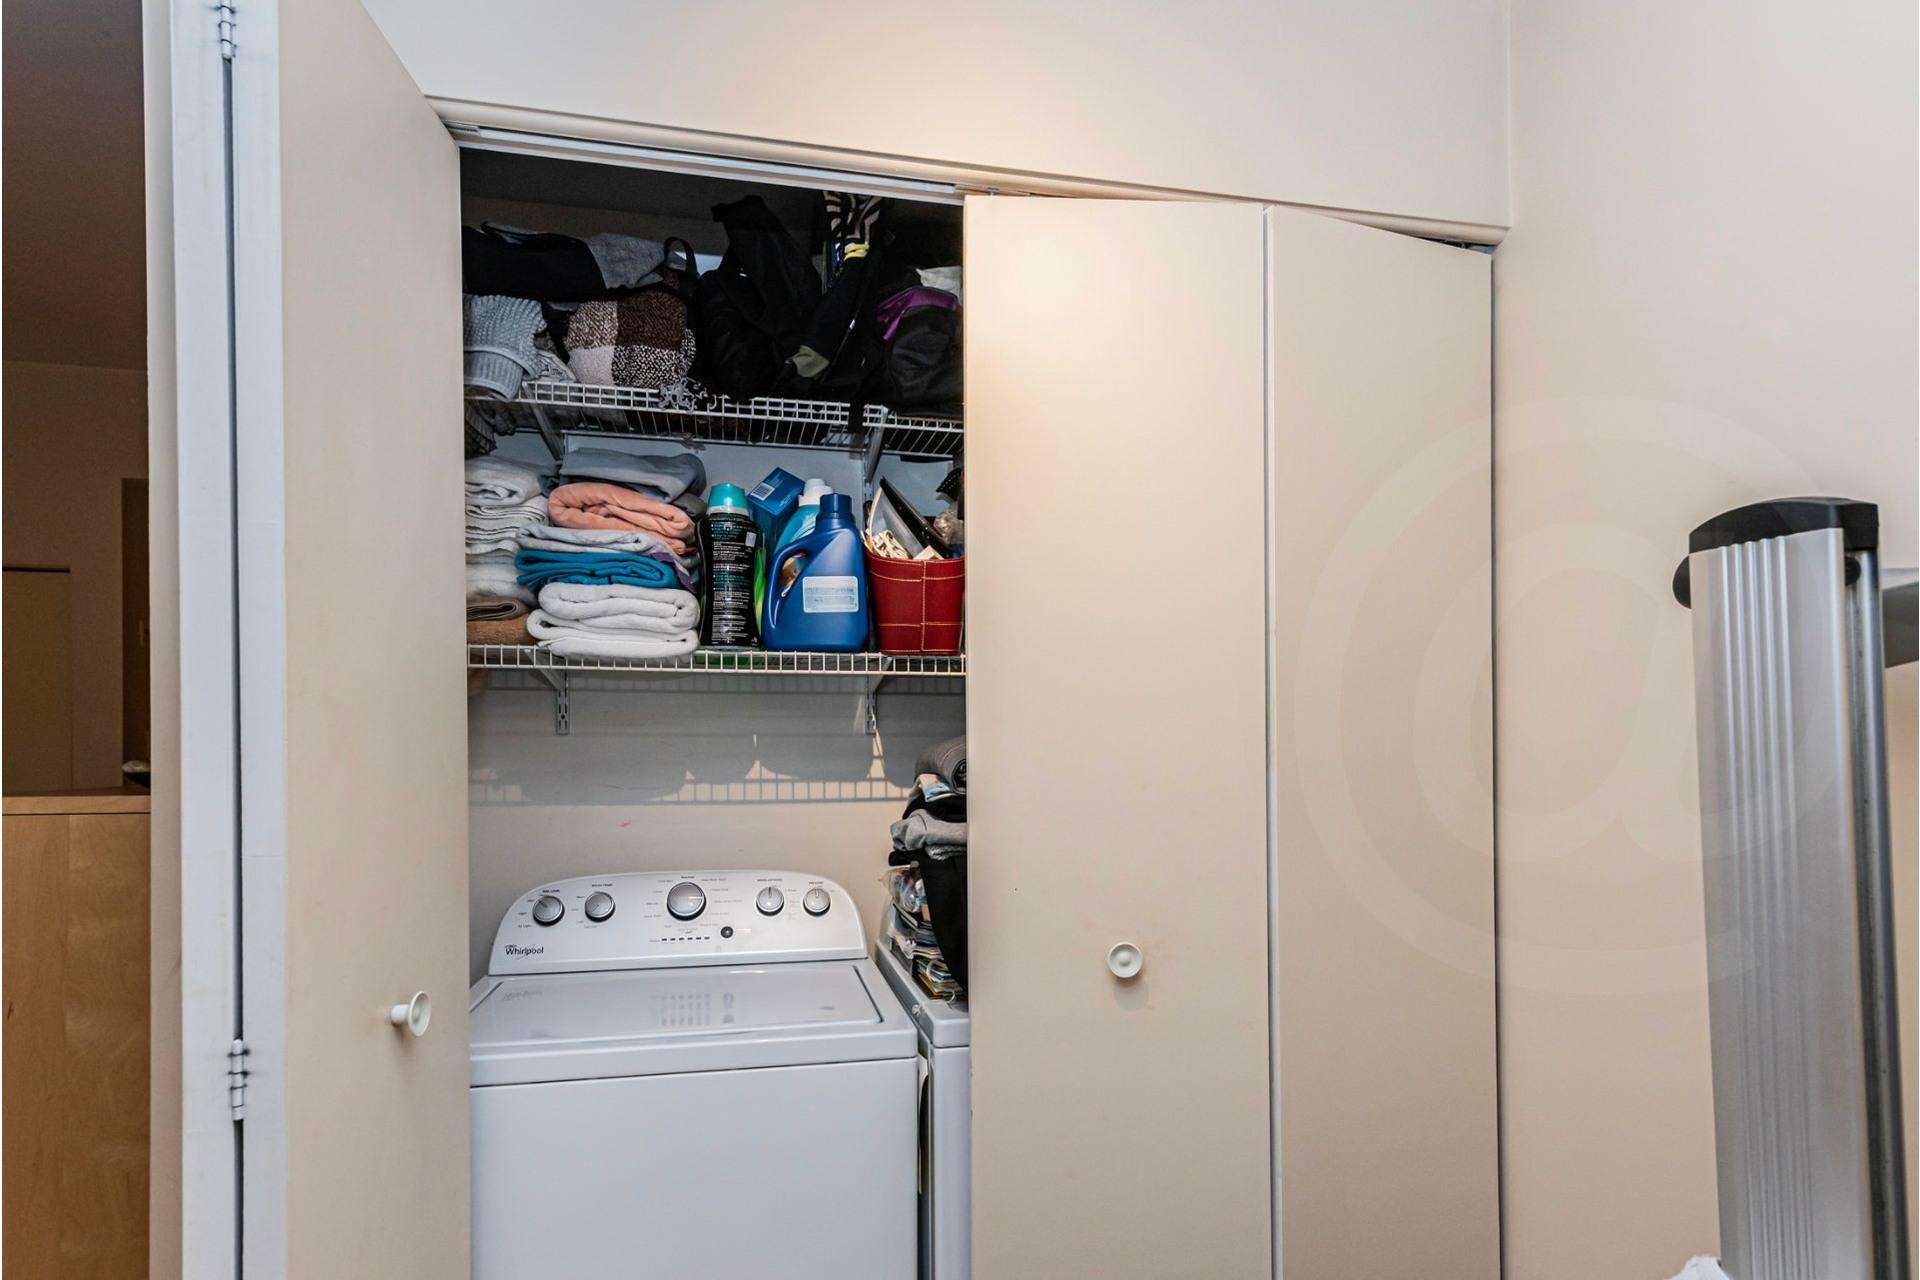 image 5 - Appartement À vendre Lachine Montréal  - 4 pièces